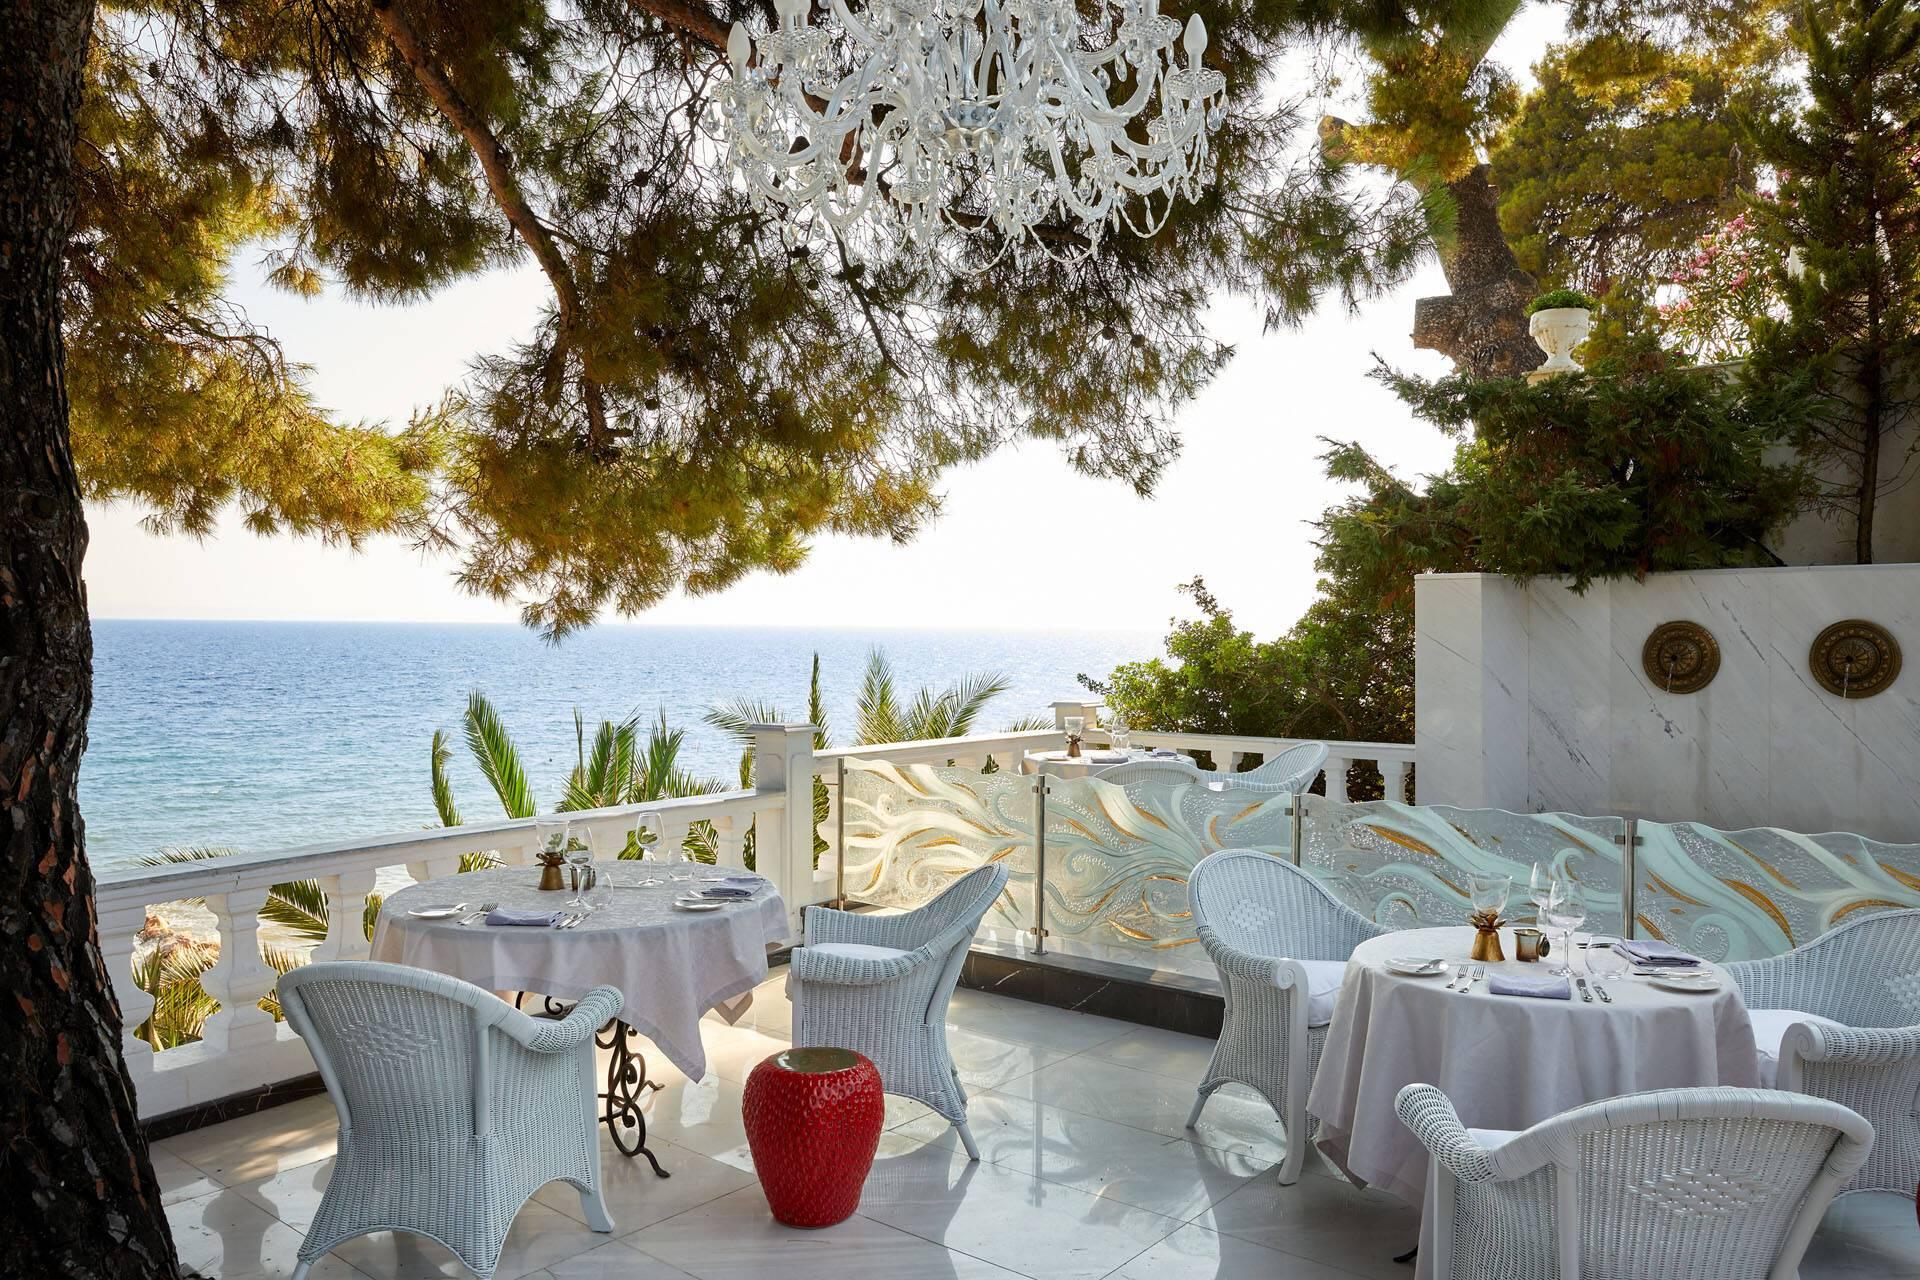 Danai Thessalonique Grece Terrasse